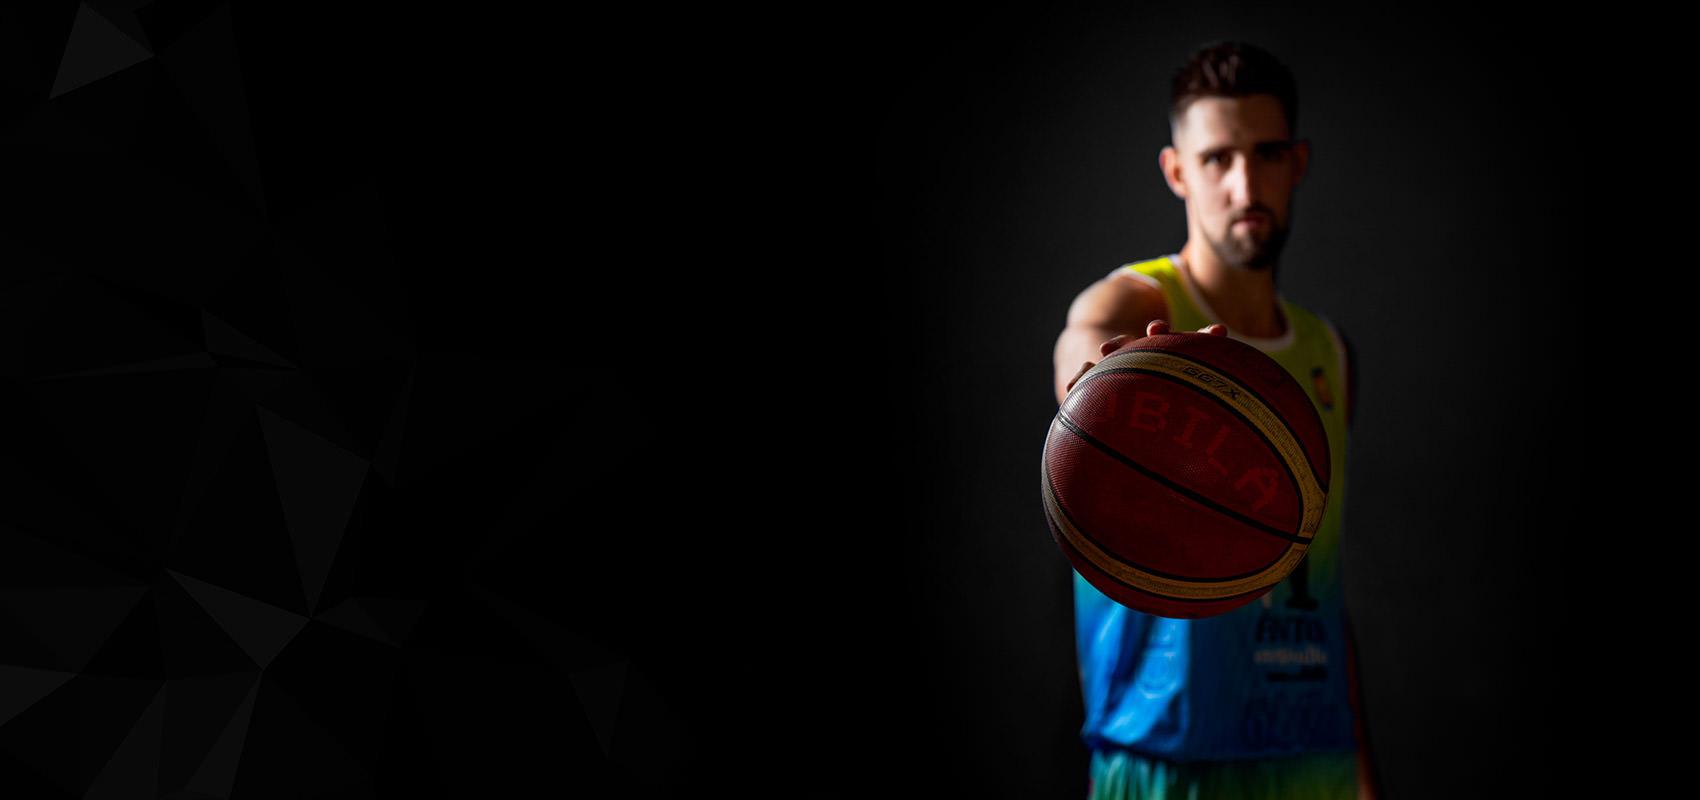 Obila Club de Basket